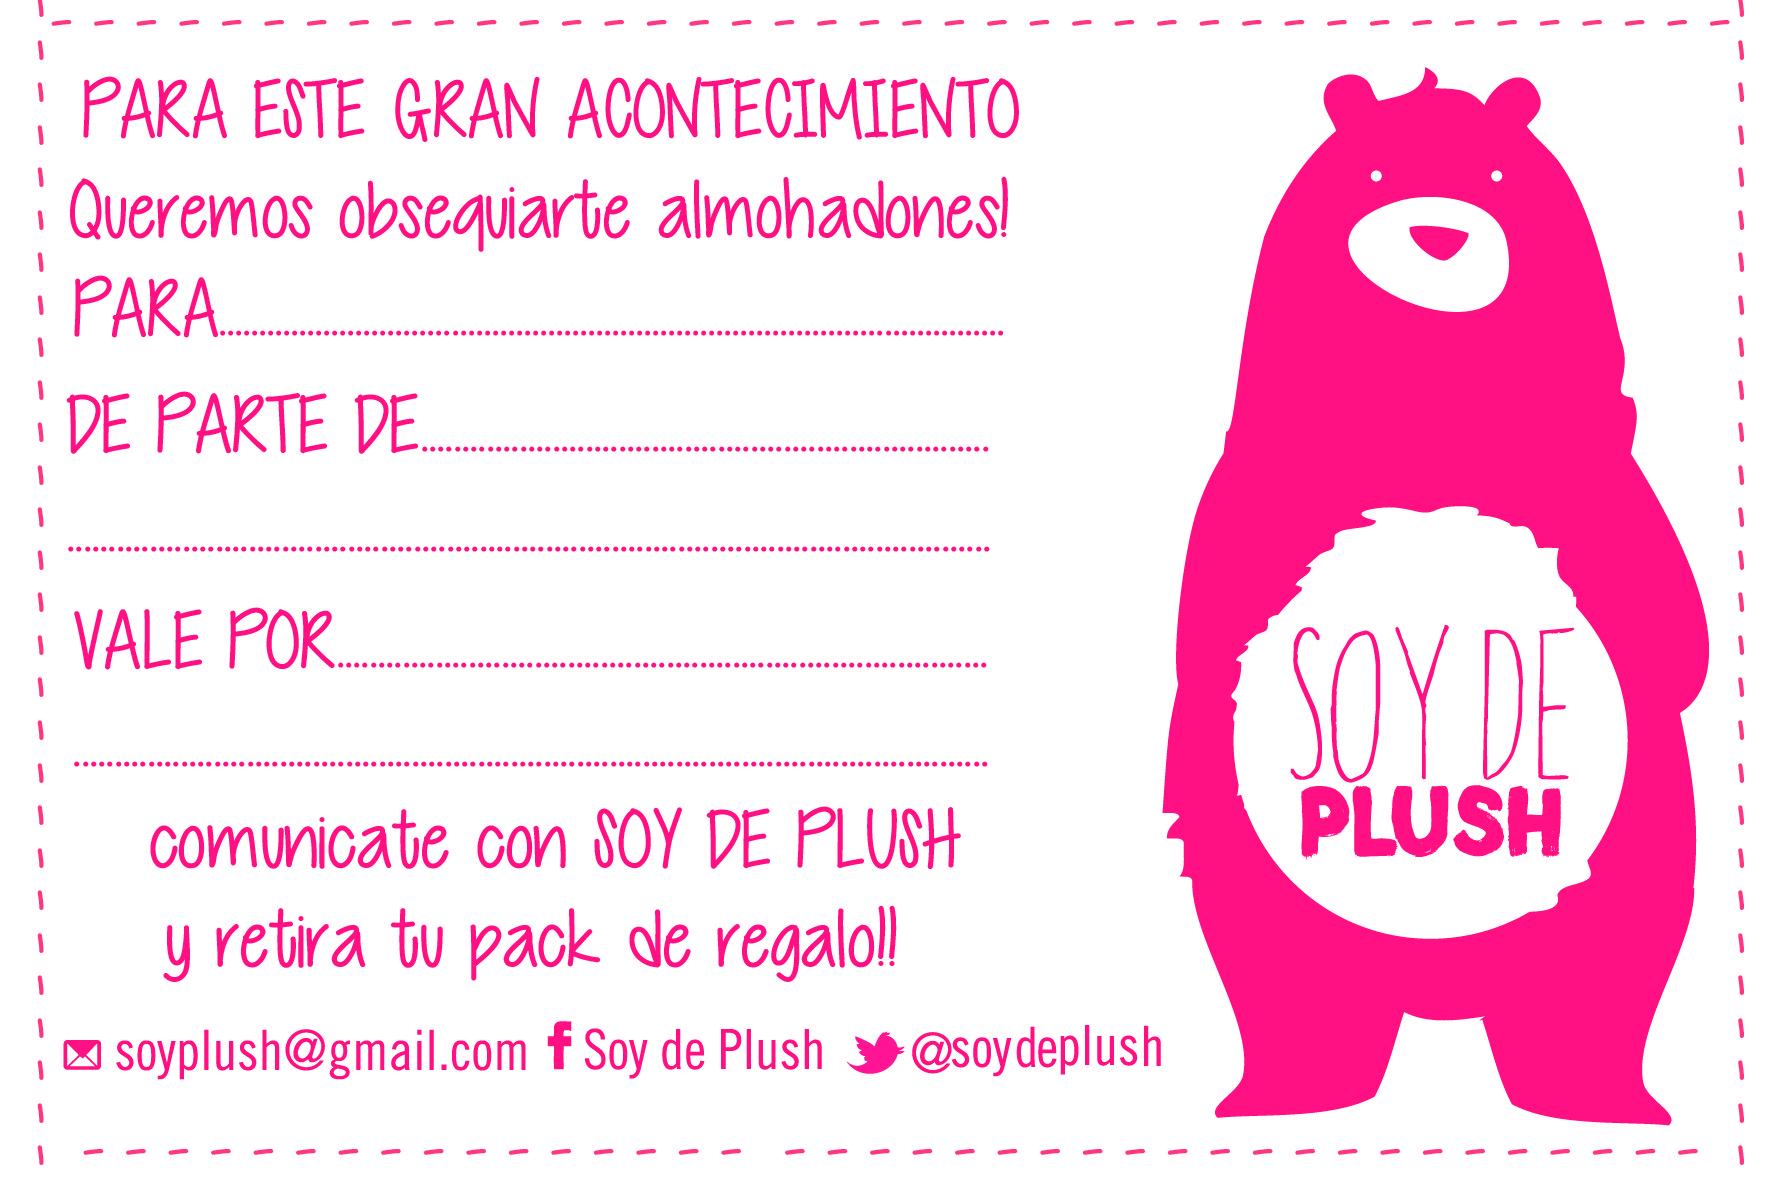 Soy de Plush